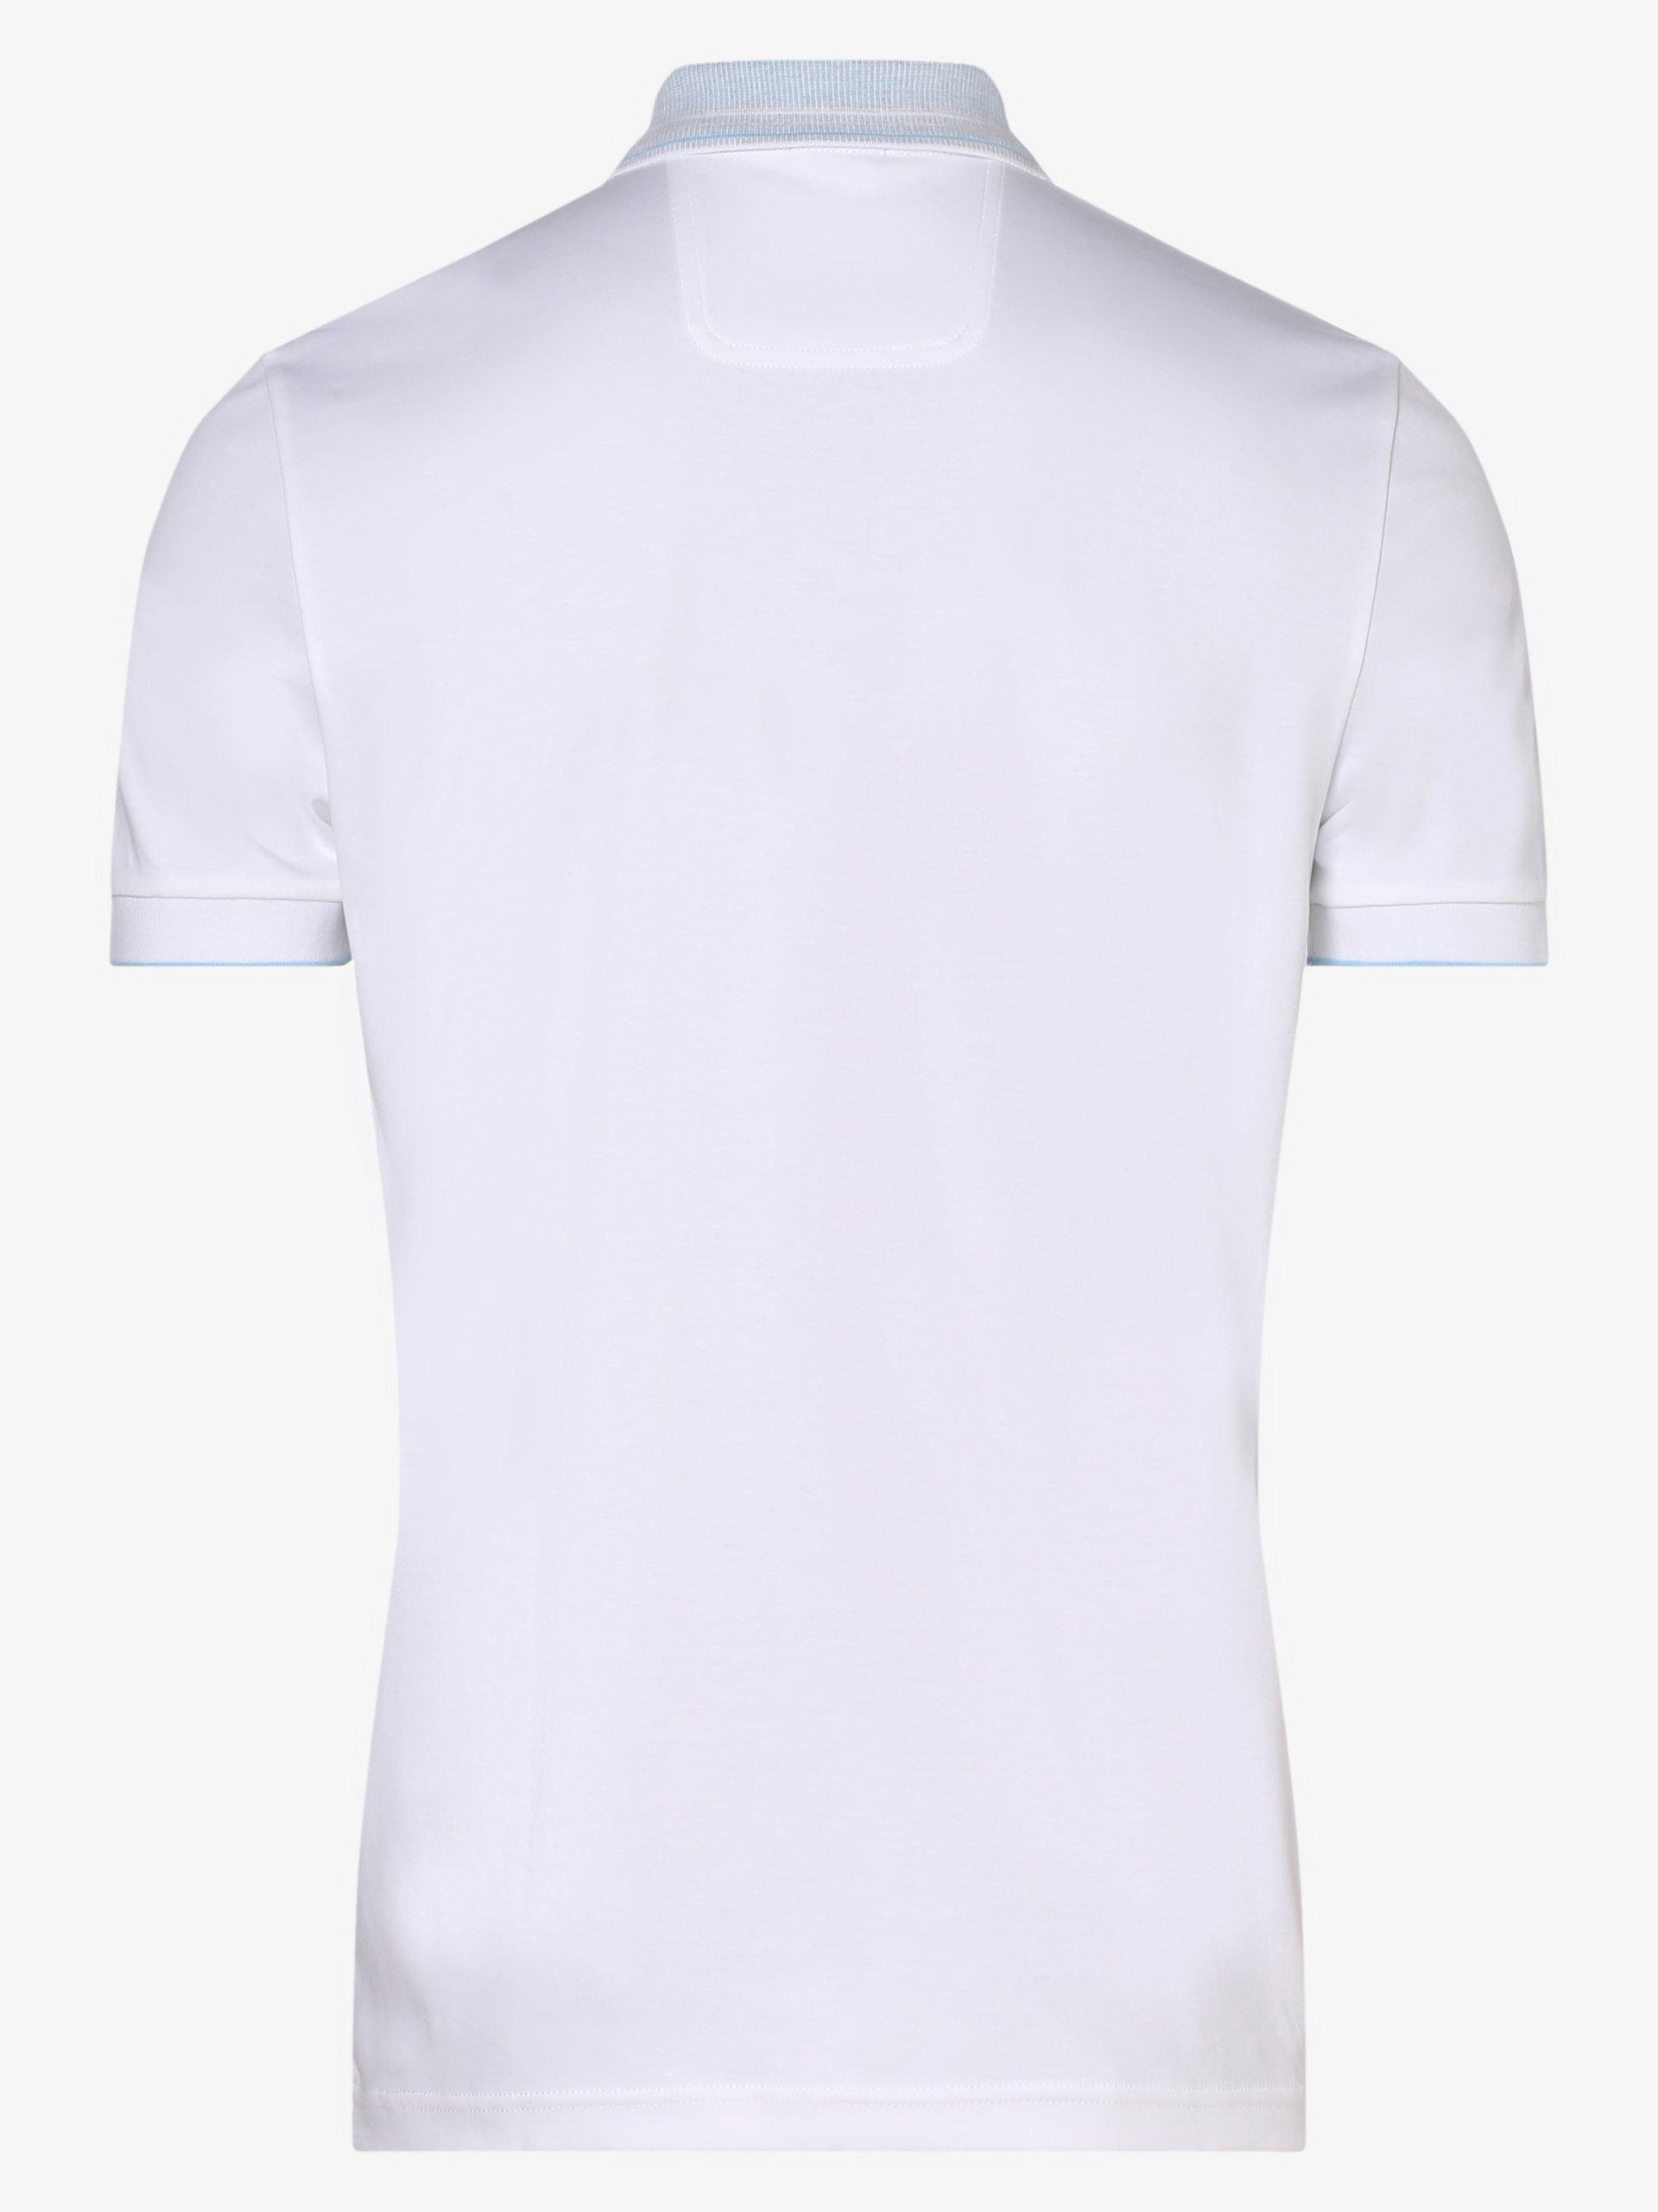 BOSS Athleisure Męska koszulka polo – Paddy 1